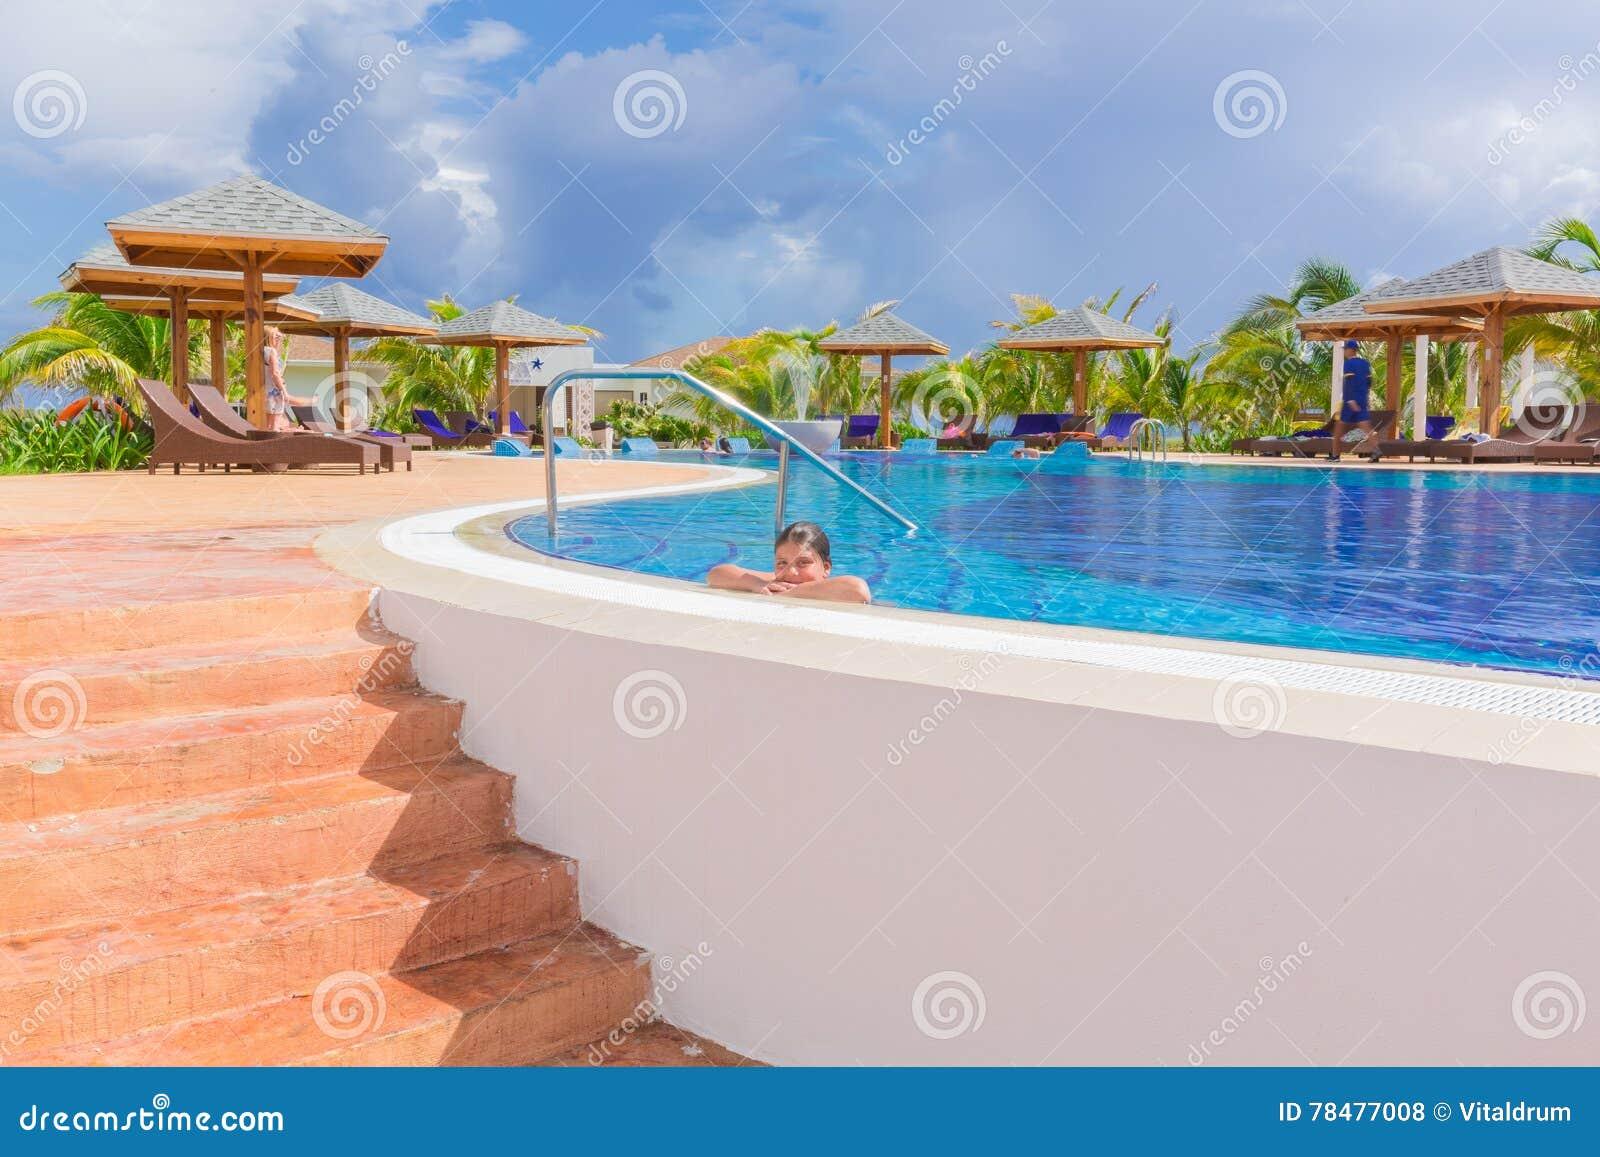 Mooie het uitnodigen mening van comfortabel comfortabel zwembad met het geglimlachte meisje ontspannen zwemmend en genietend van